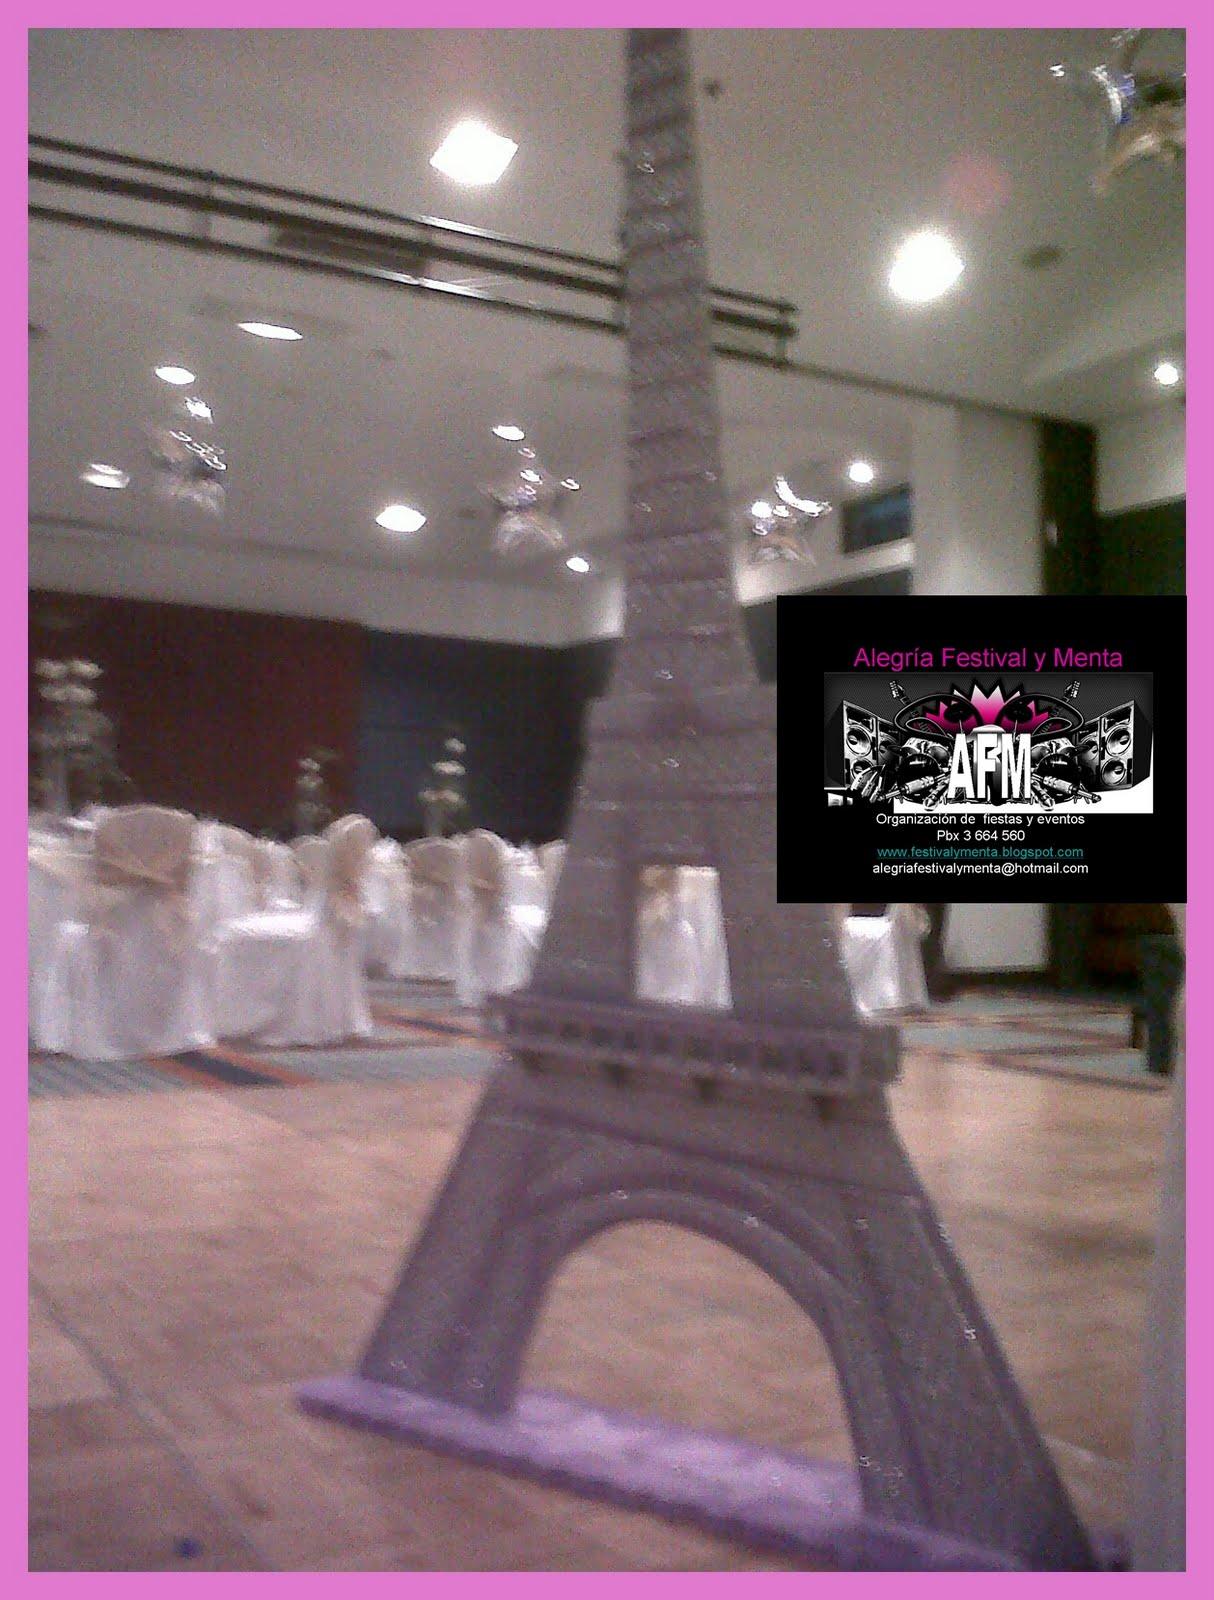 Alegria festival y menta bodas 15 a os fiesta tematica paris for Decoracion quince anos paris